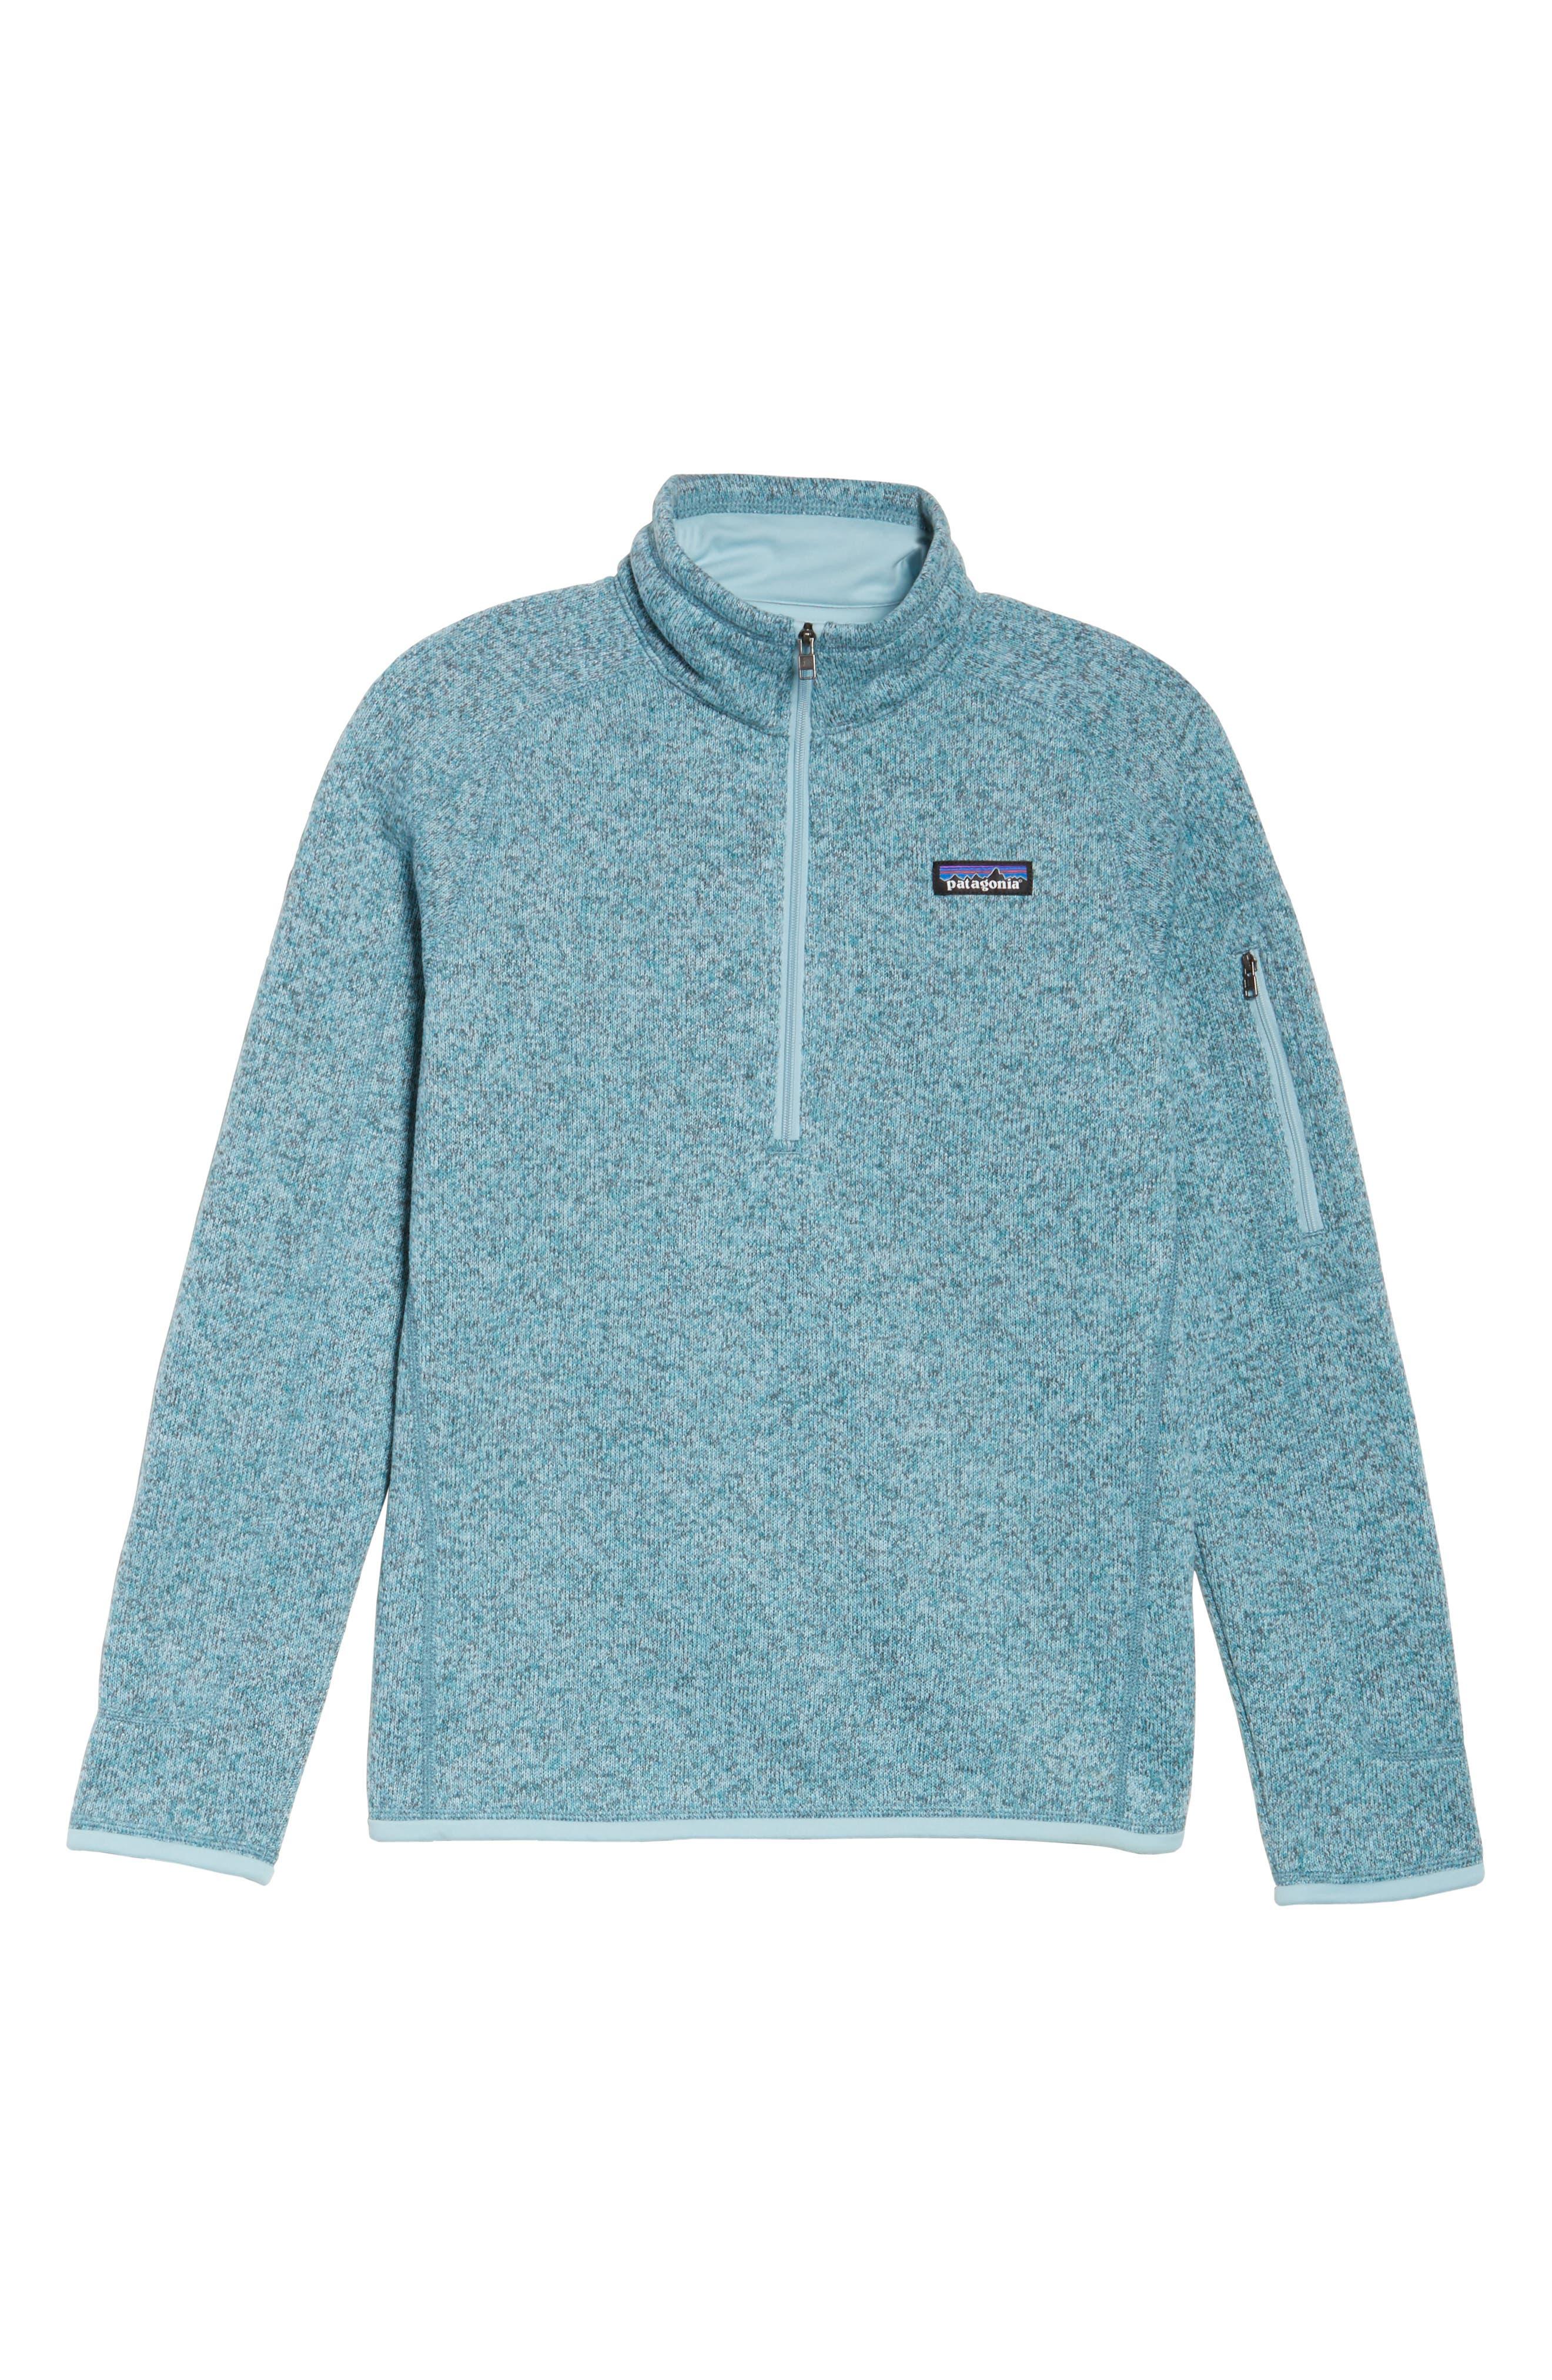 'Better Sweater' Zip Pullover,                             Alternate thumbnail 7, color,                             Tubular Blue W/ Crevasse Blue